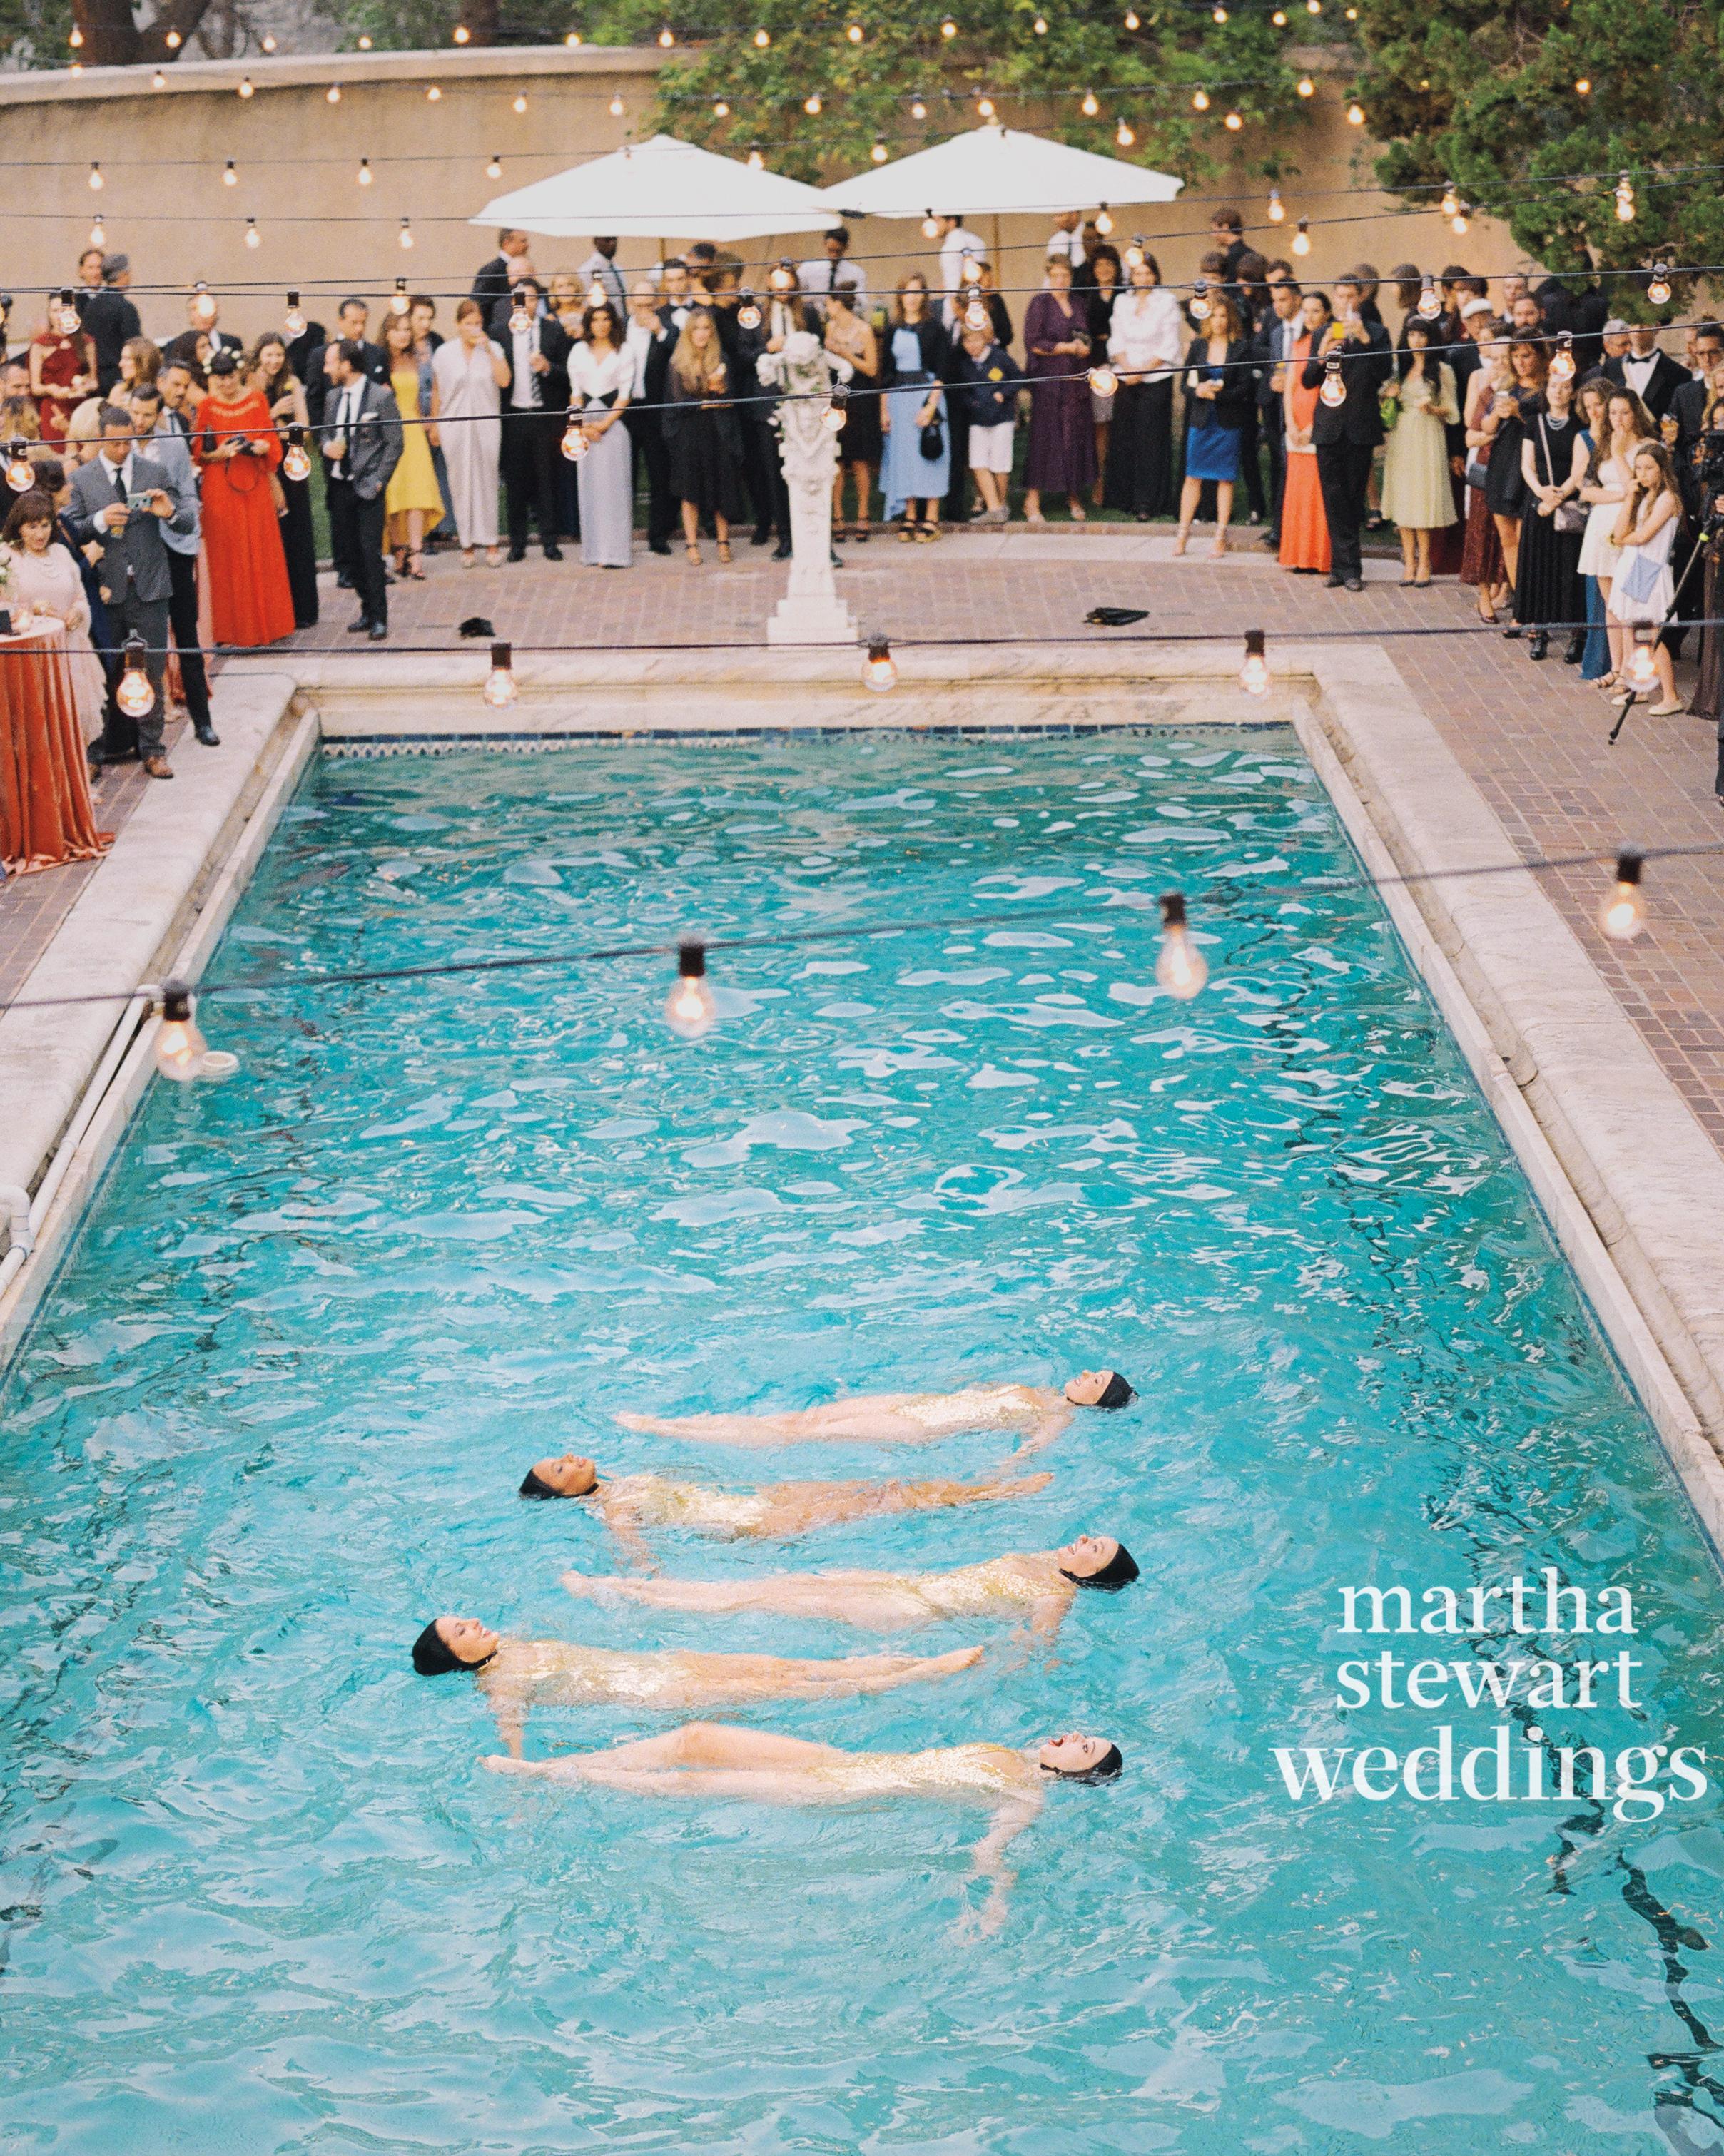 sophia-joel-wedding-los-angeles-028-d112240-watermarked-0815.jpg